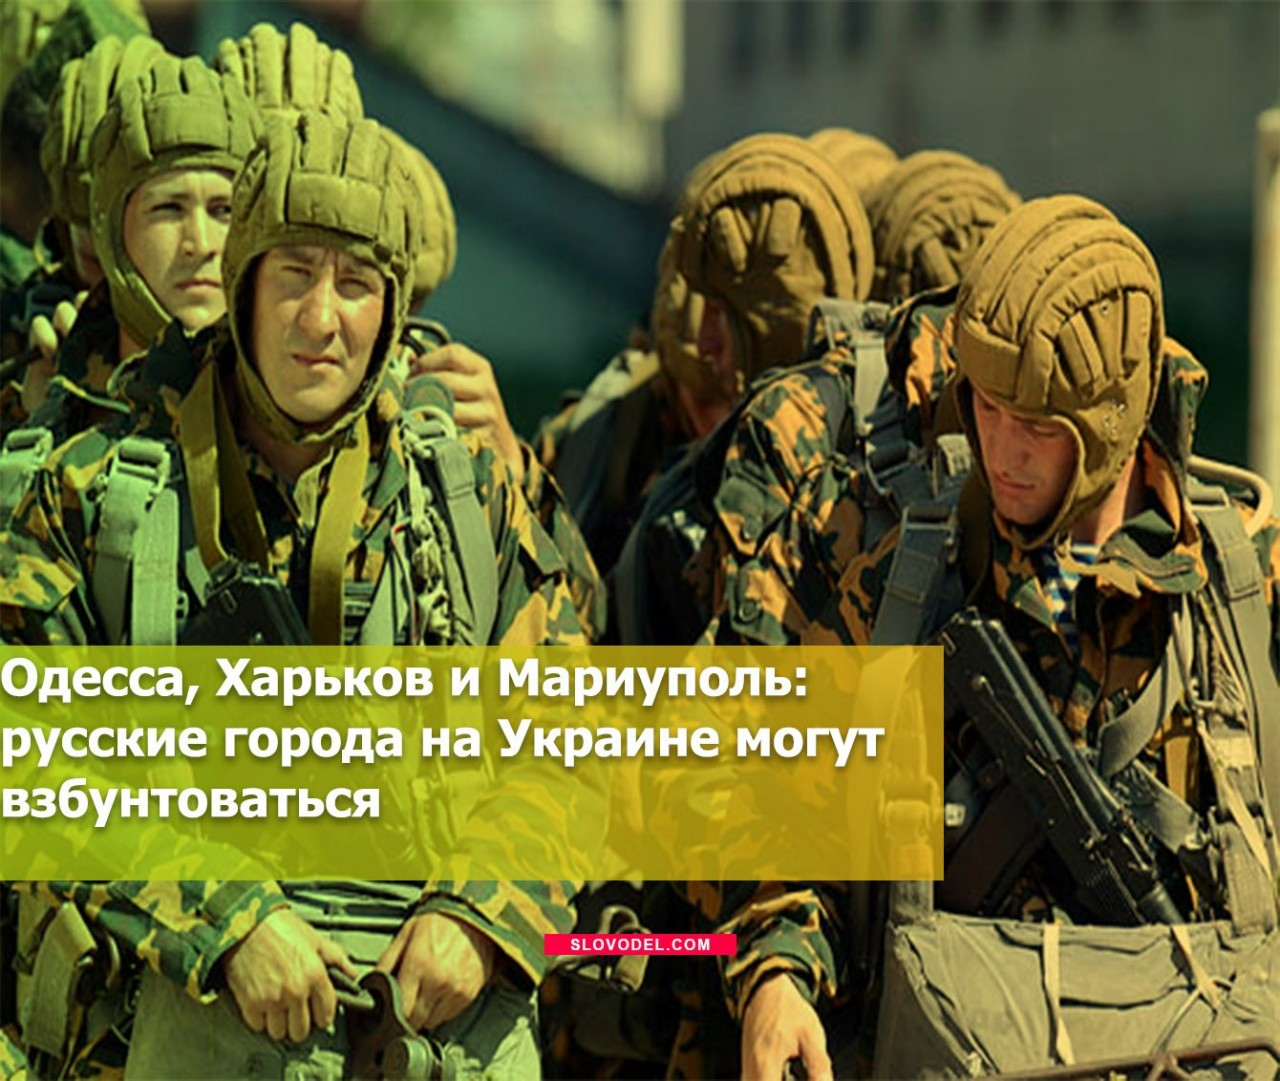 Одесса, Харьков и Мариуполь: русские города на Украине могут взбунтоваться